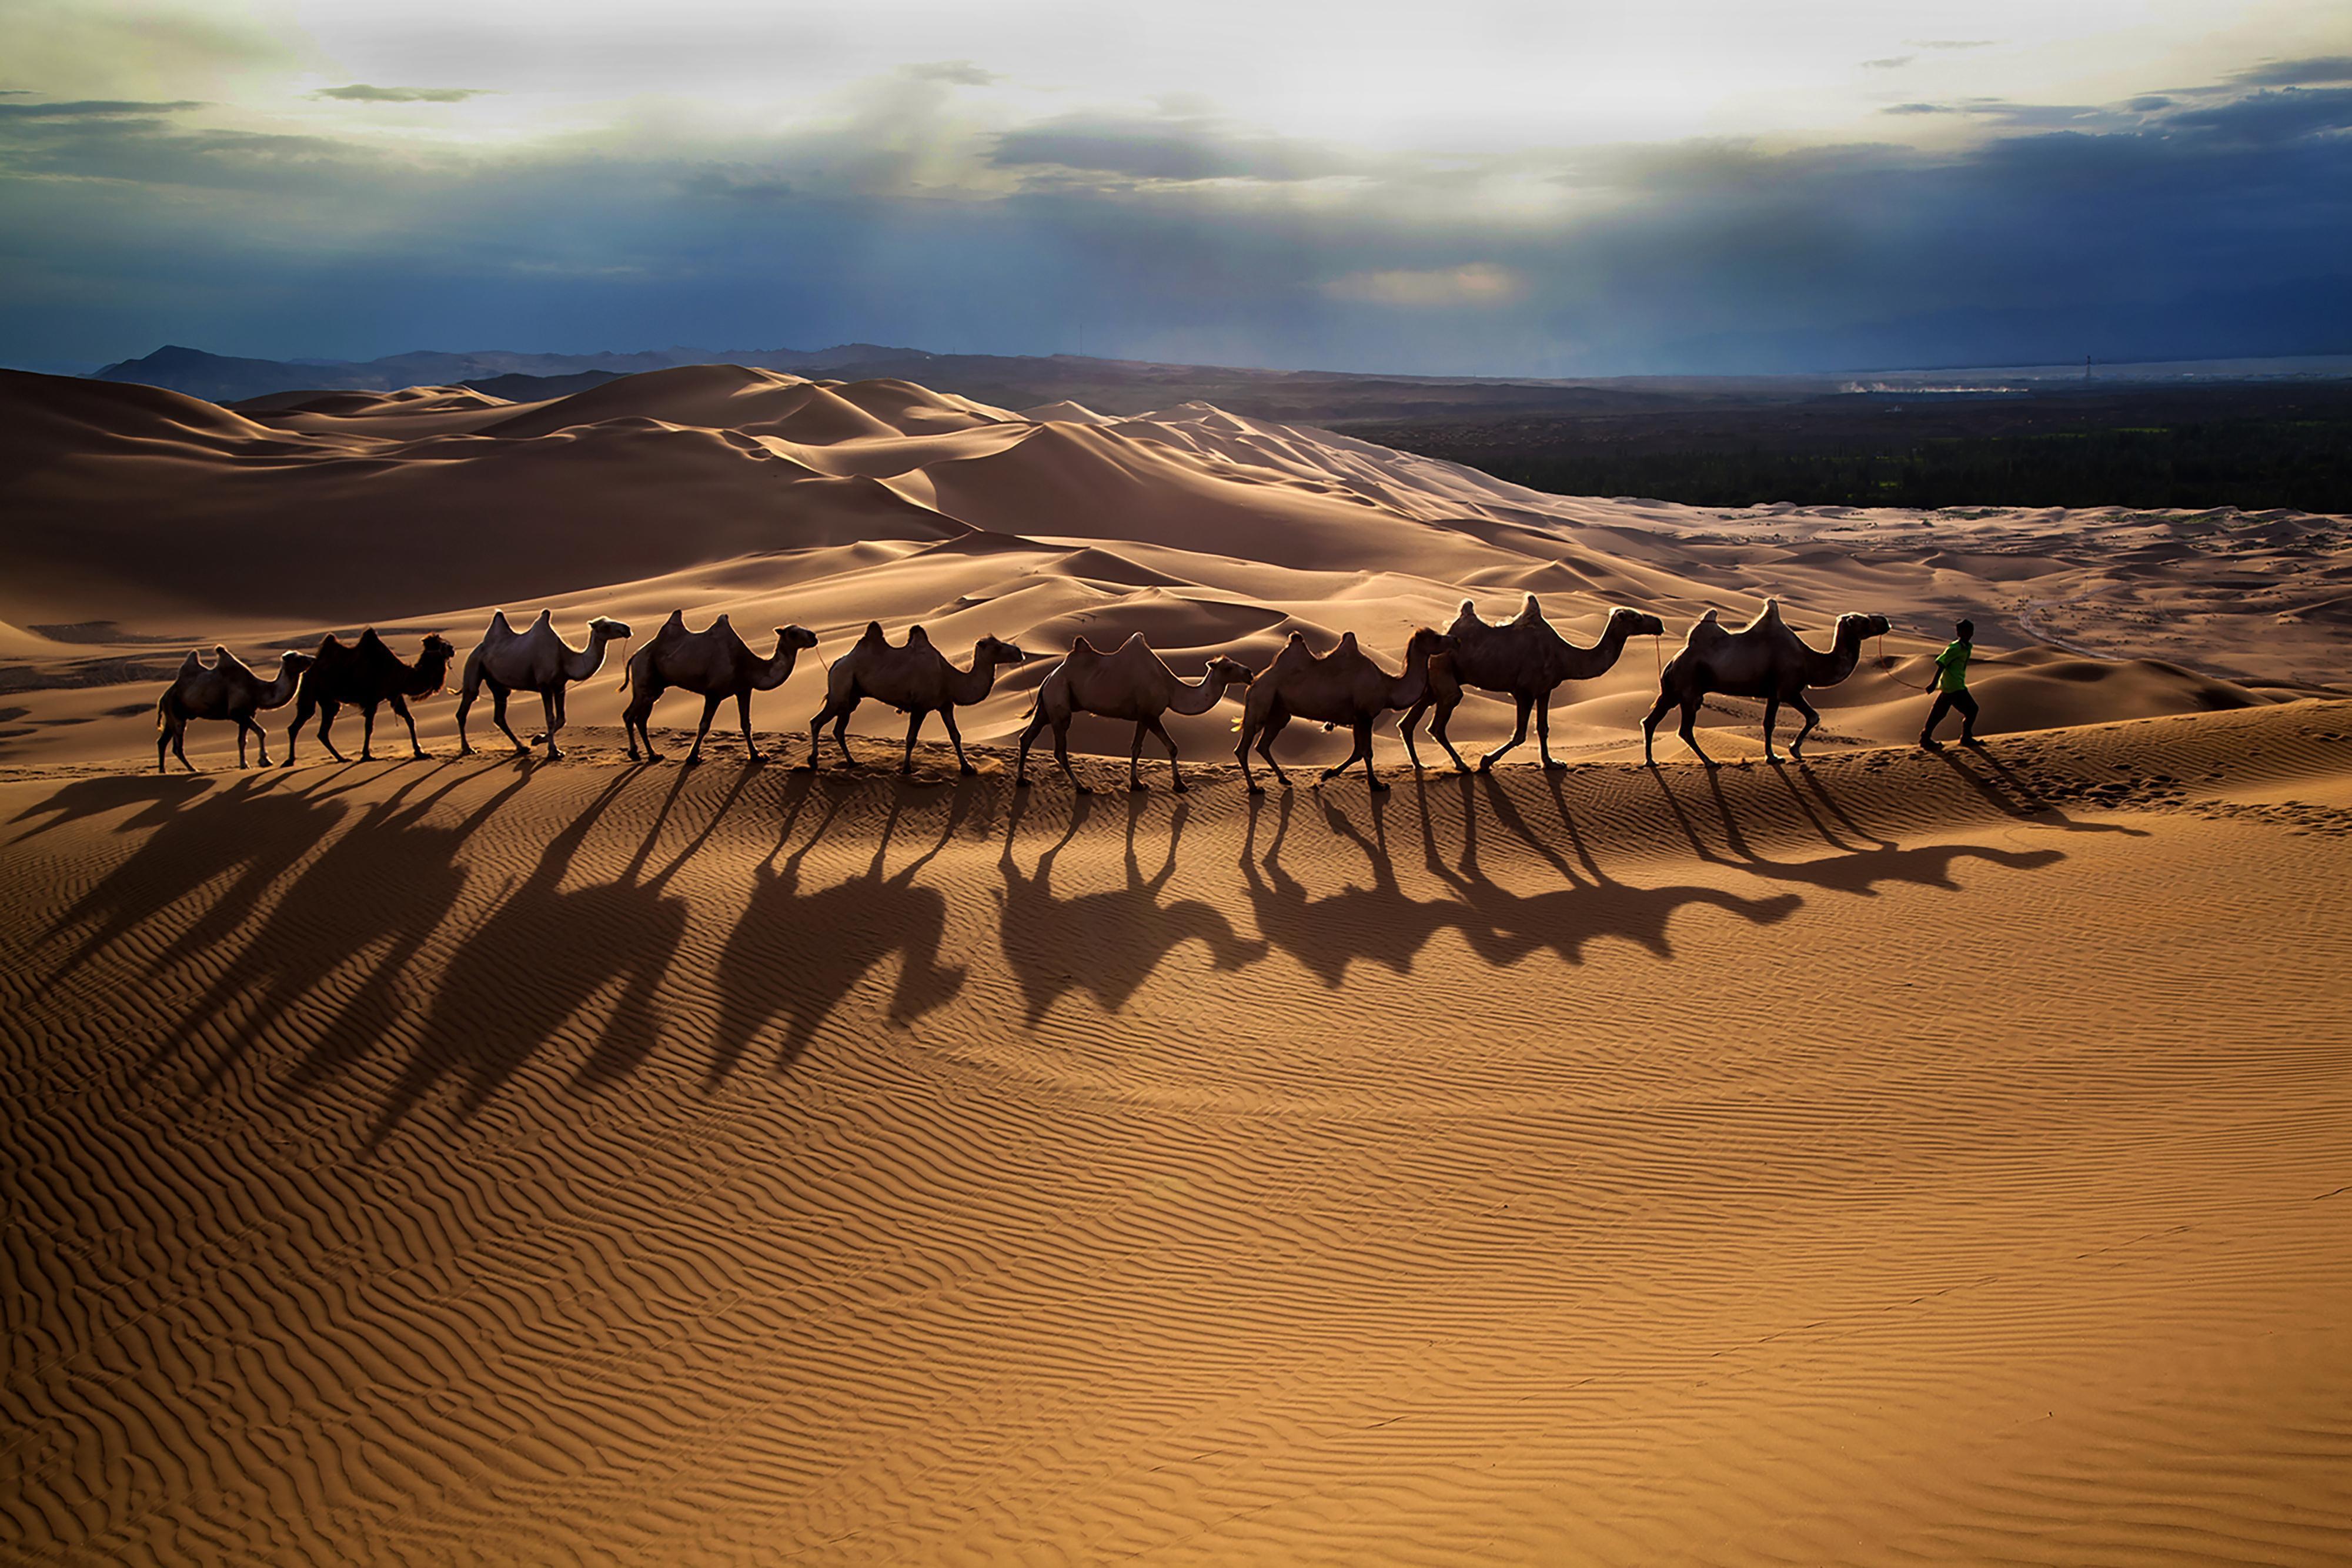 新疆有个神奇的沙漠 千百年来沙漠绿洲人类和谐共处 堪称奇迹